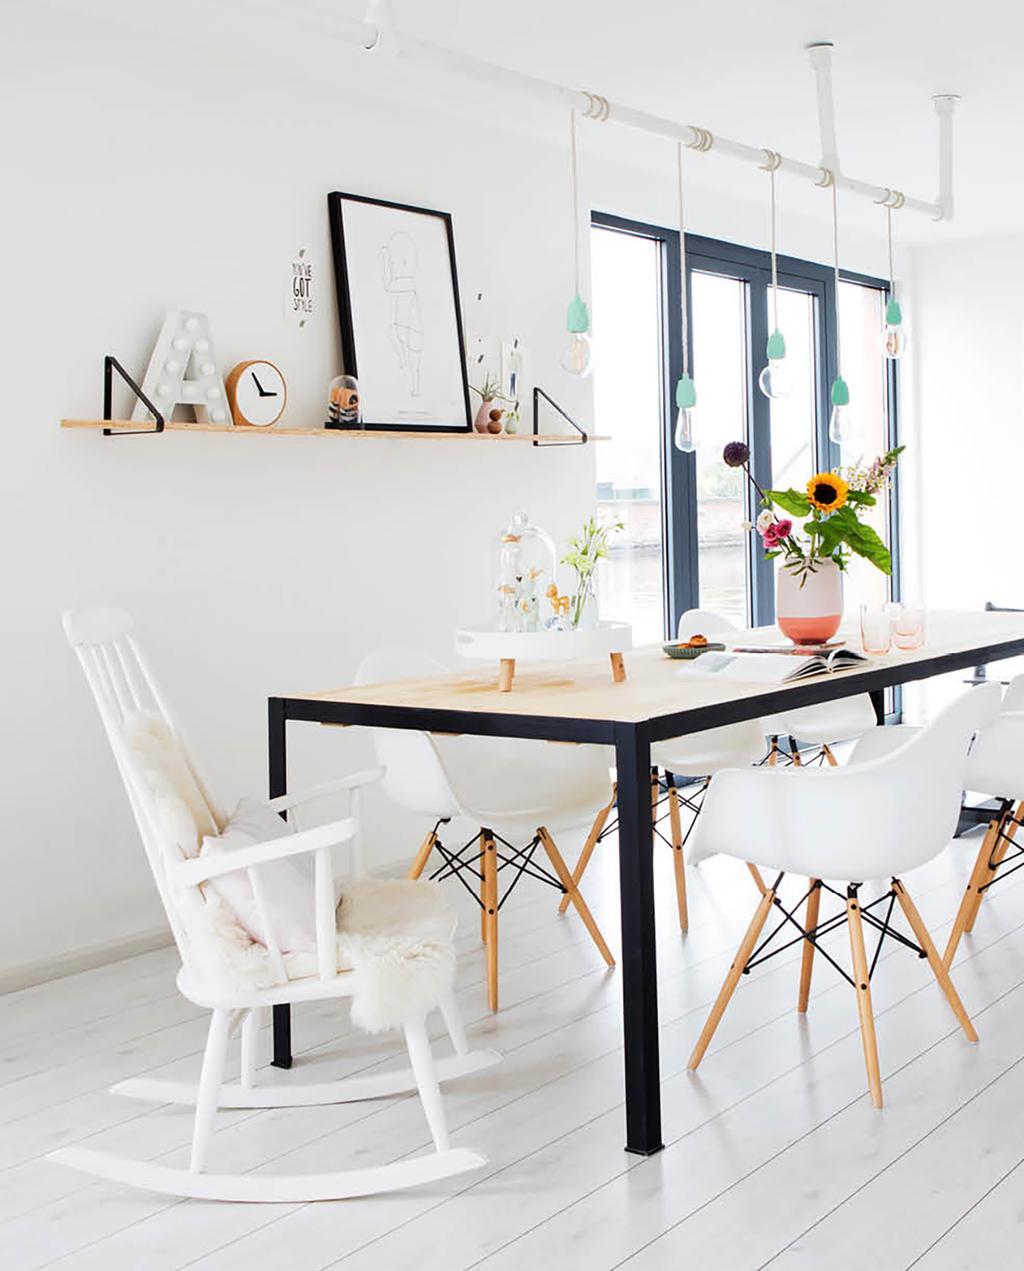 vtwonen 06-2018 | eettafel met witte stoelen en schommelstoel met letterbord